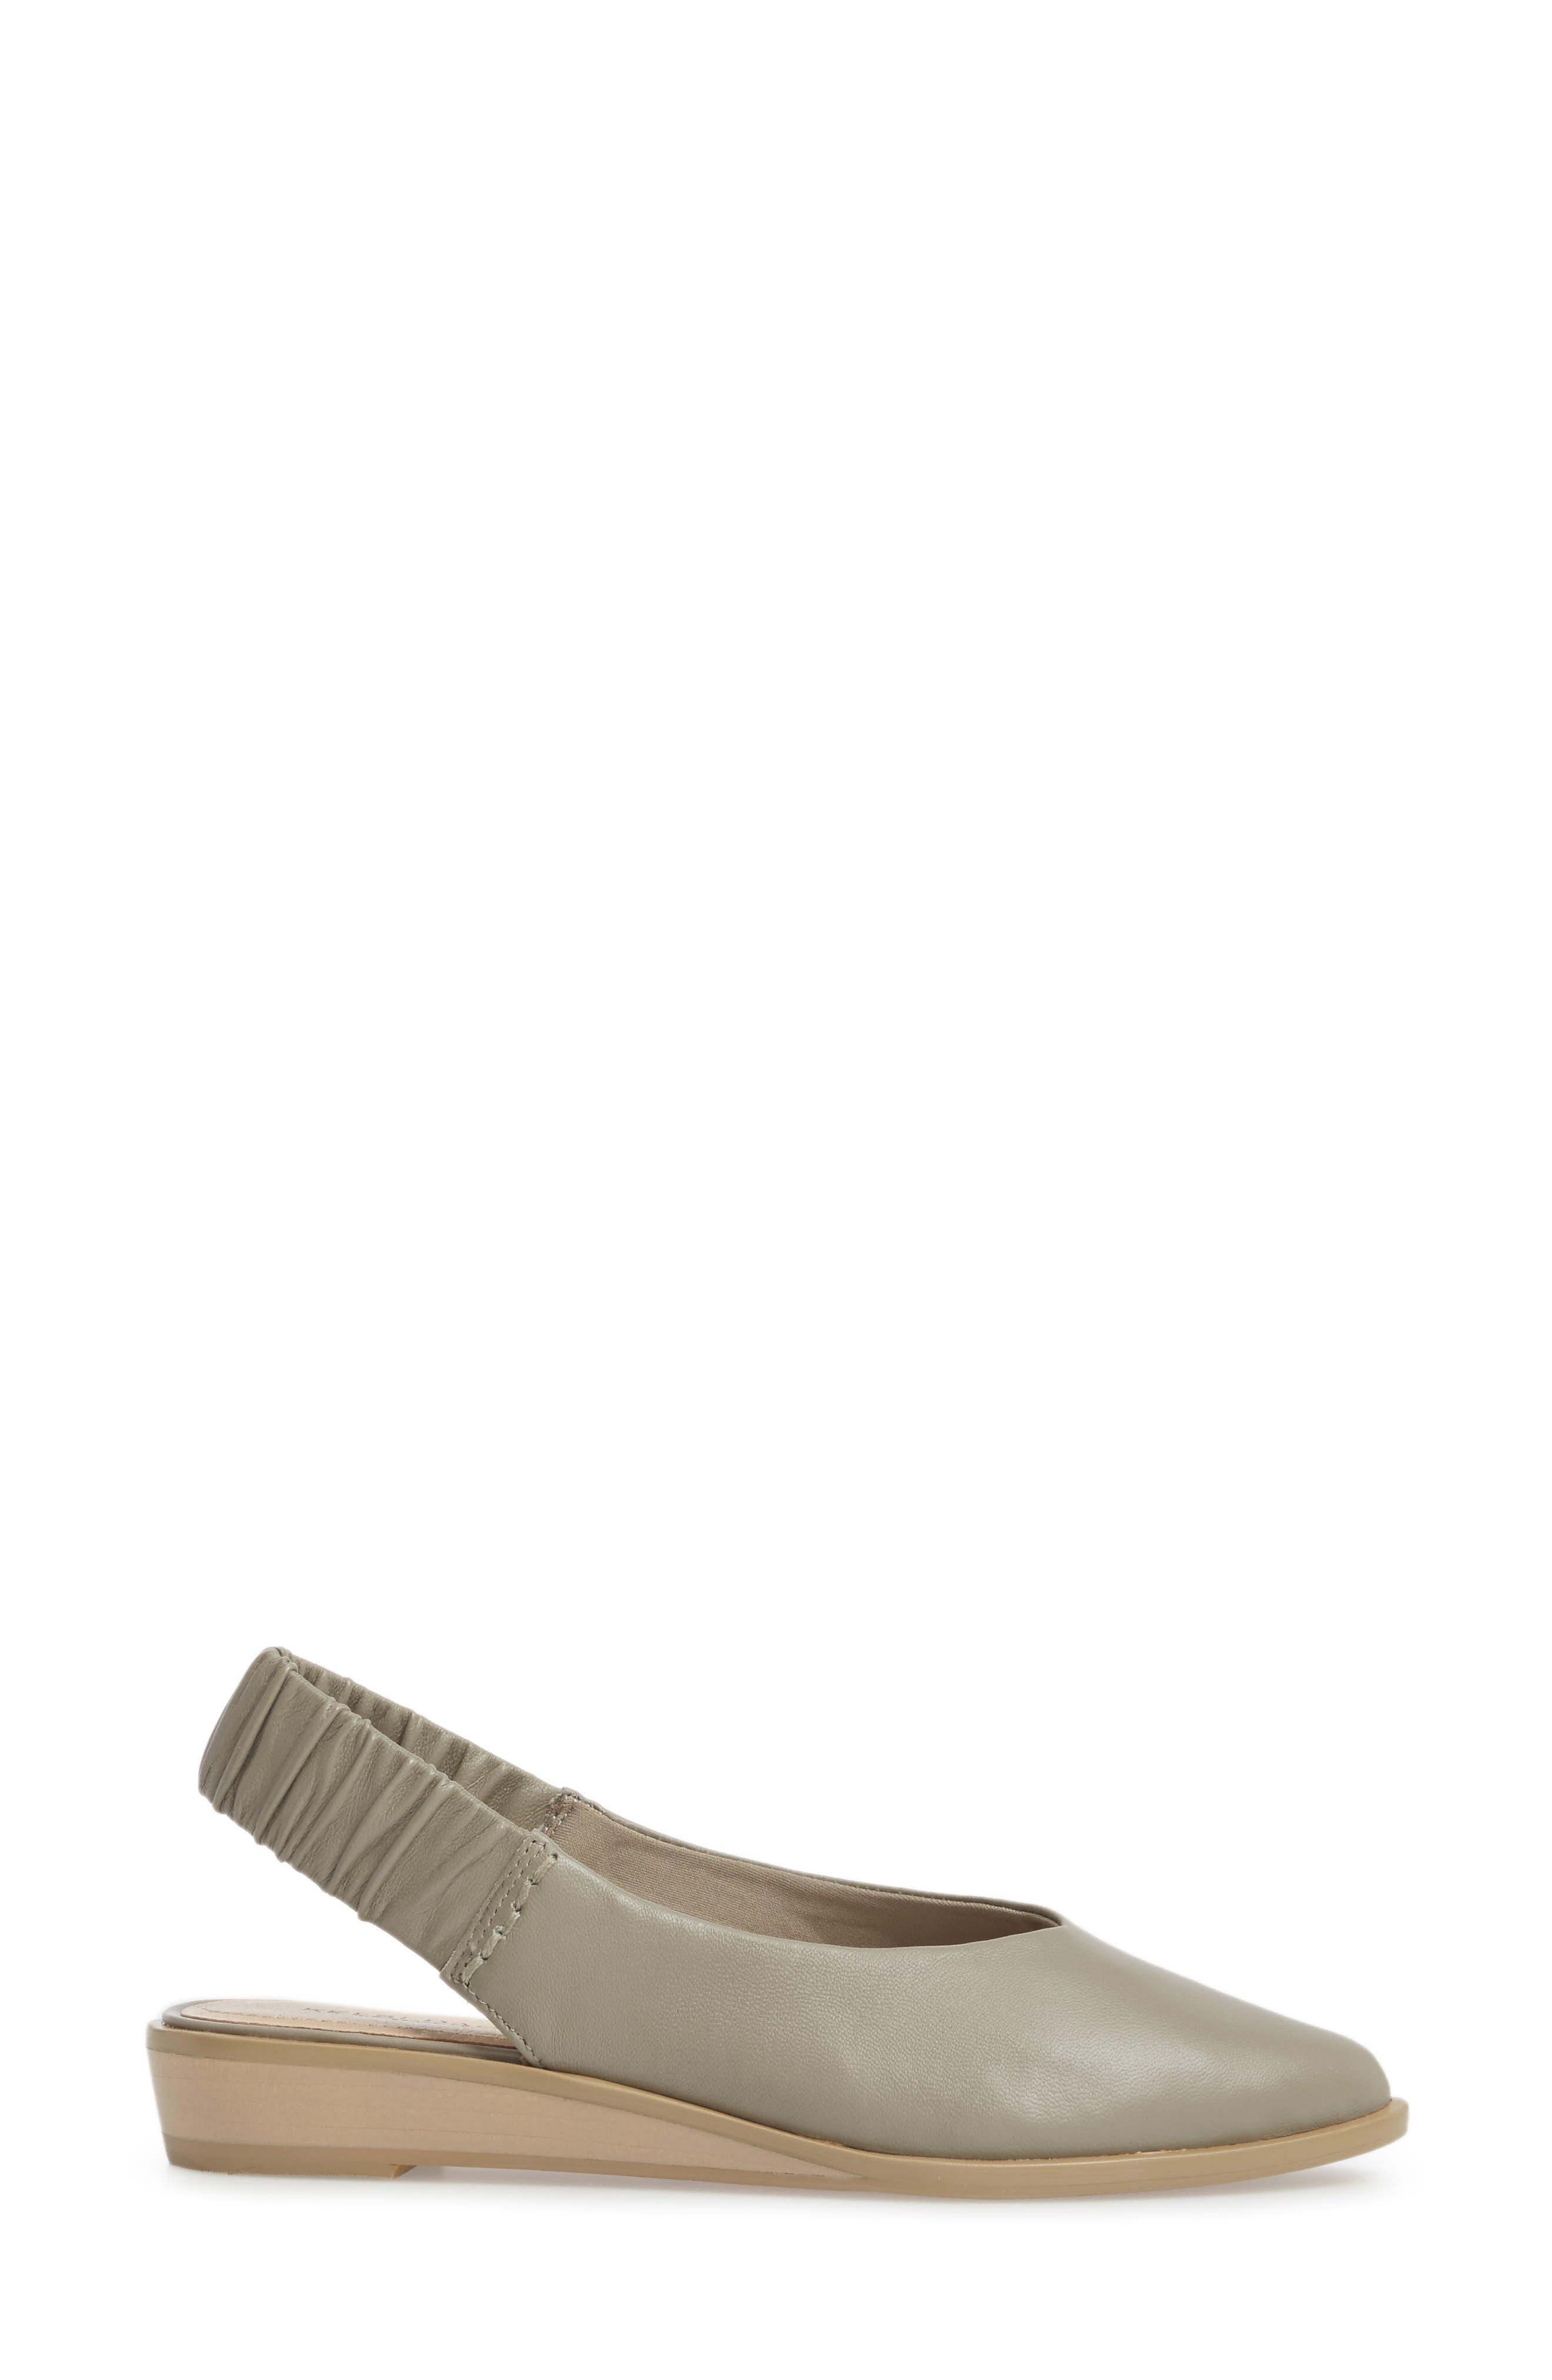 Alton Slingback Sandal,                             Alternate thumbnail 3, color,                             Clove Leather